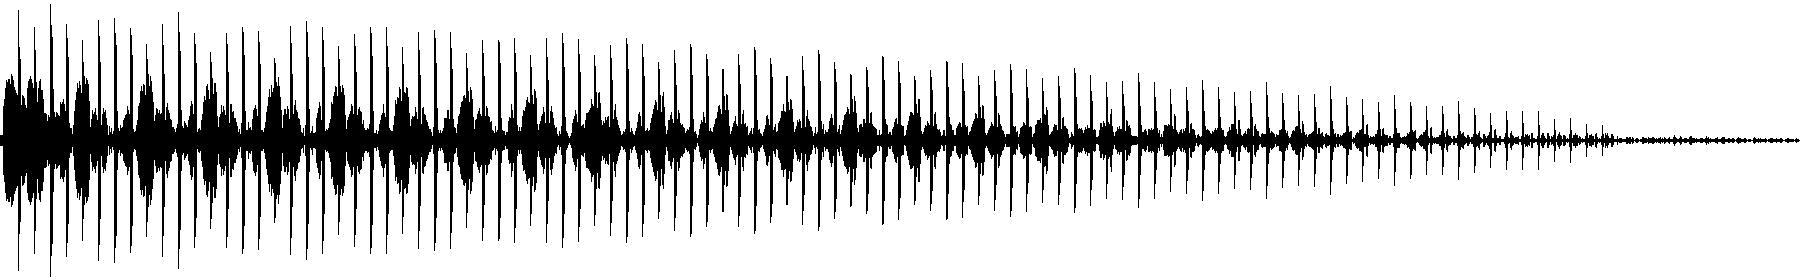 veh2 synths   123 c